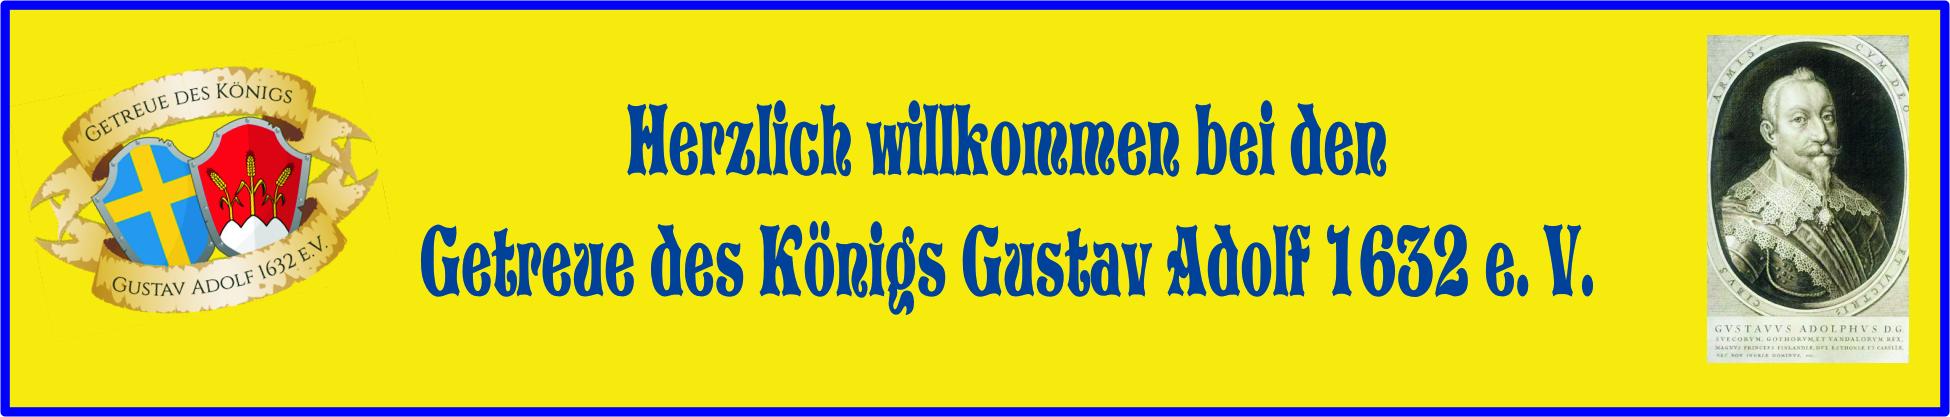 Getreue des Königs Gustav Adolf 1632 e.V. Logo